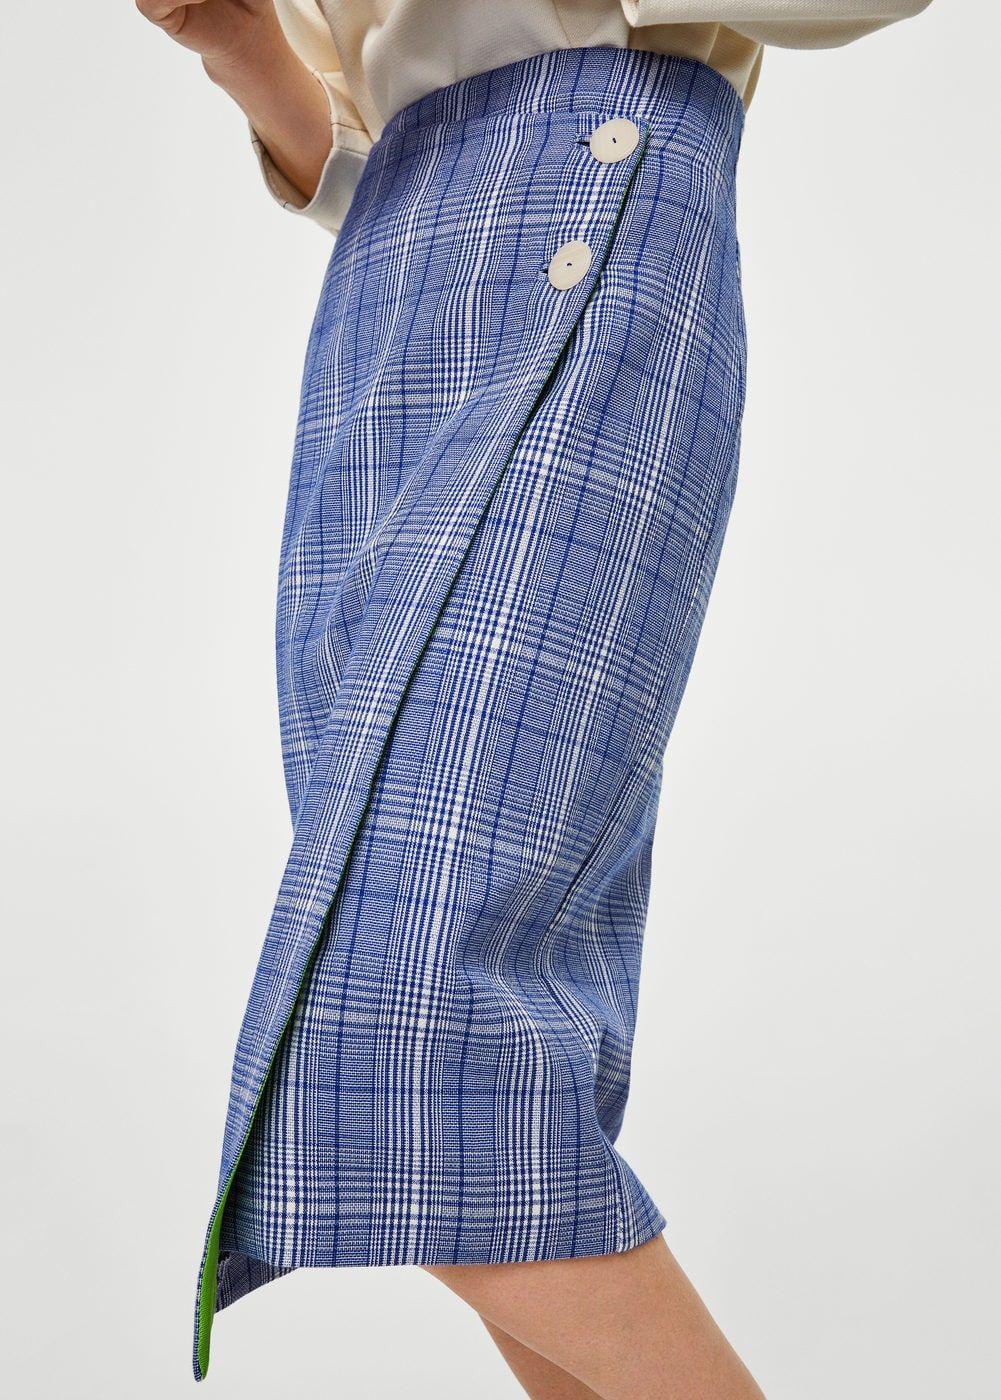 5c278e10c55 Κρουαζέ καρό φούστα - Γυναίκα   women's fashion   Faldas, Faldas ...